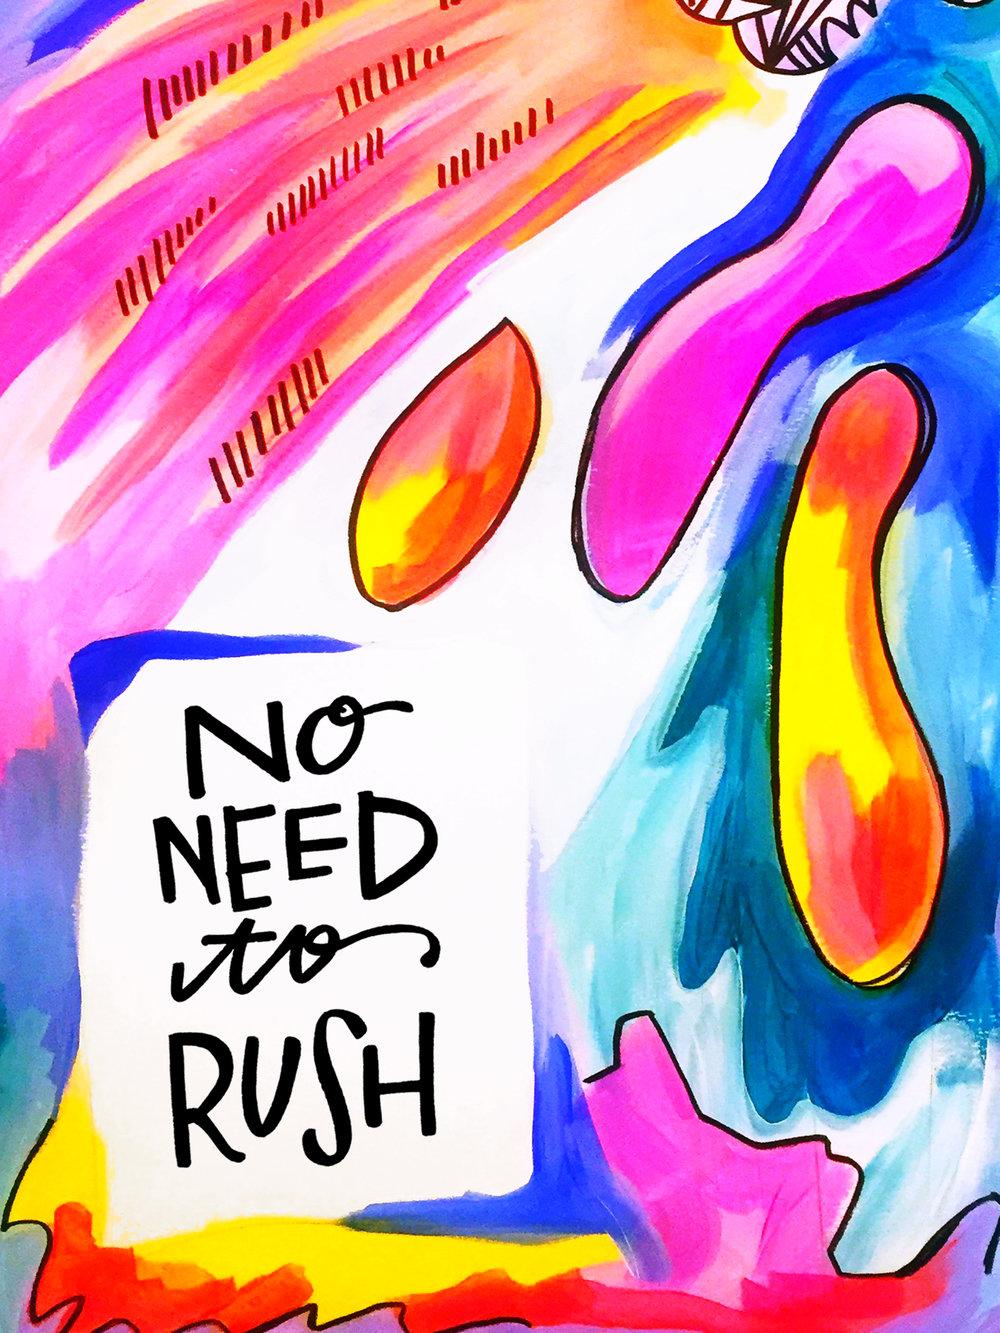 2/5/16: Rush